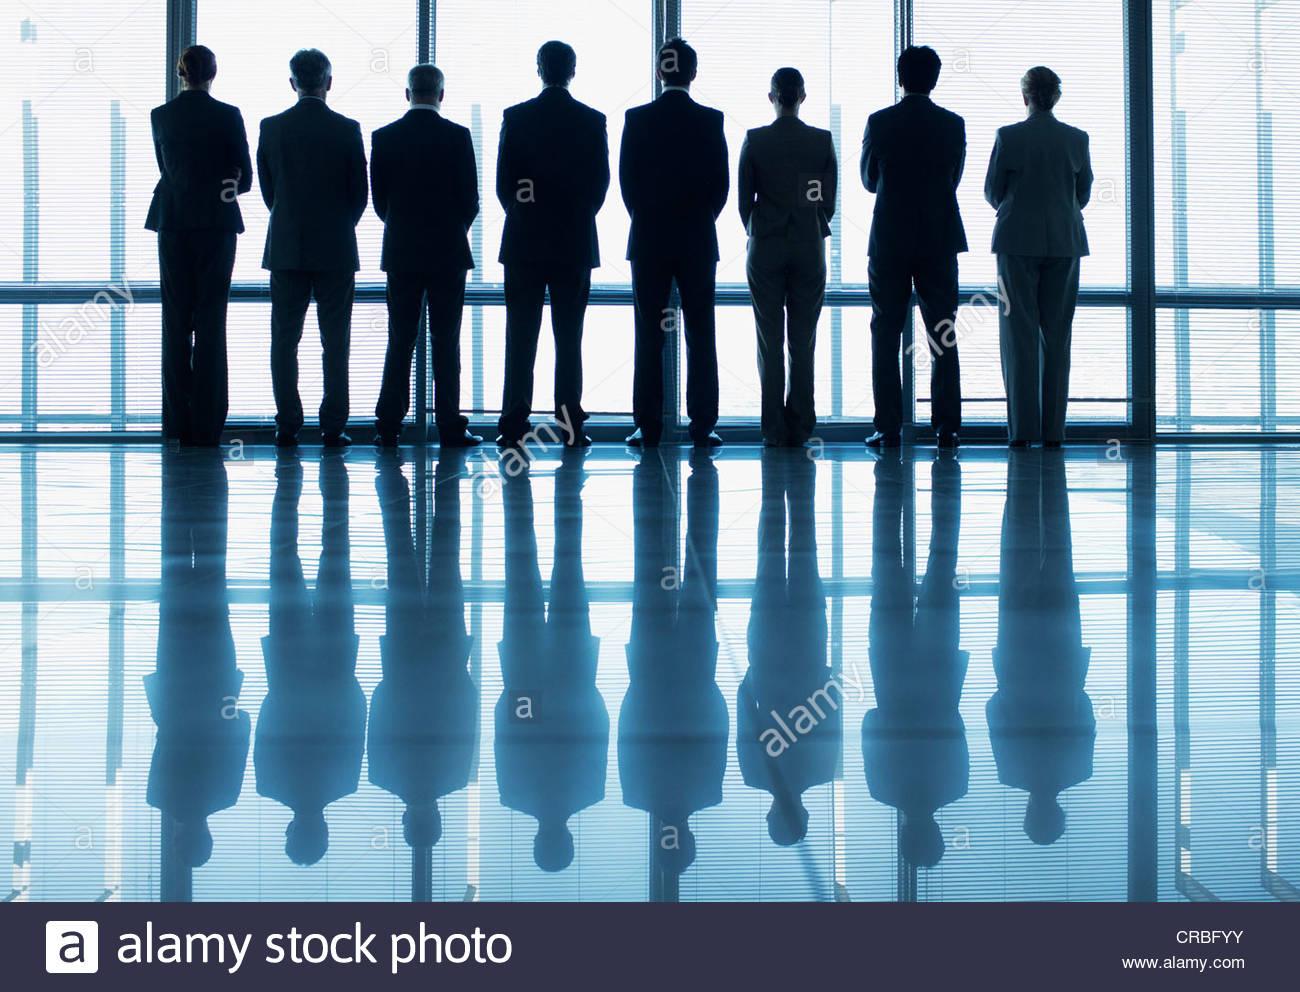 Silueta de empresarios en una fila mirando por la ventana del vestíbulo Imagen De Stock